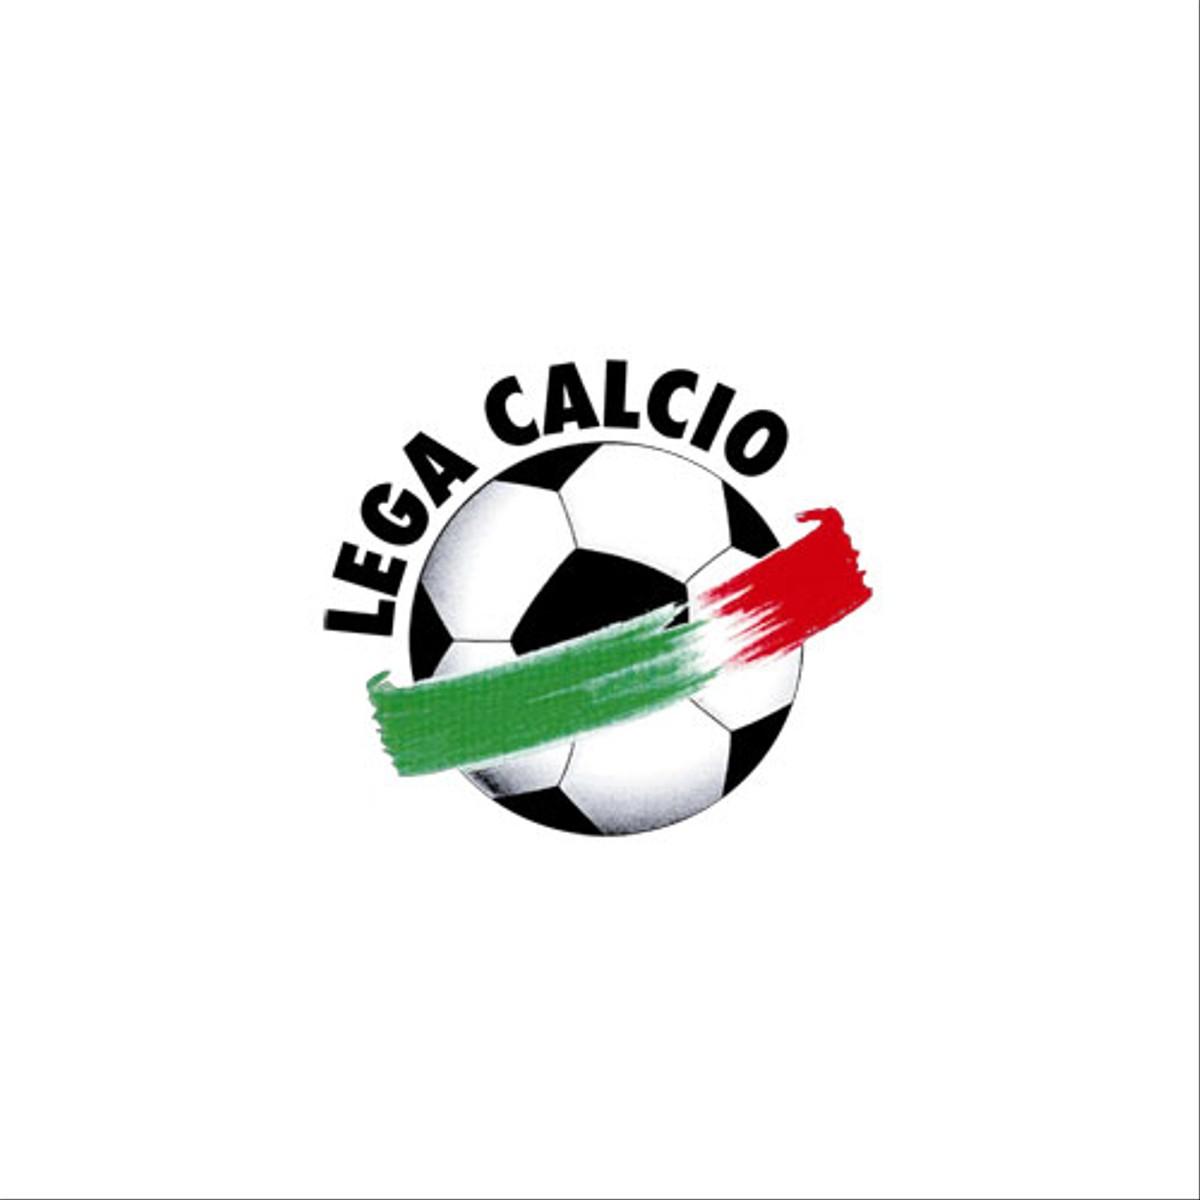 أندية إيطاليا تجتمع لبحث دوري السوبر الجديد